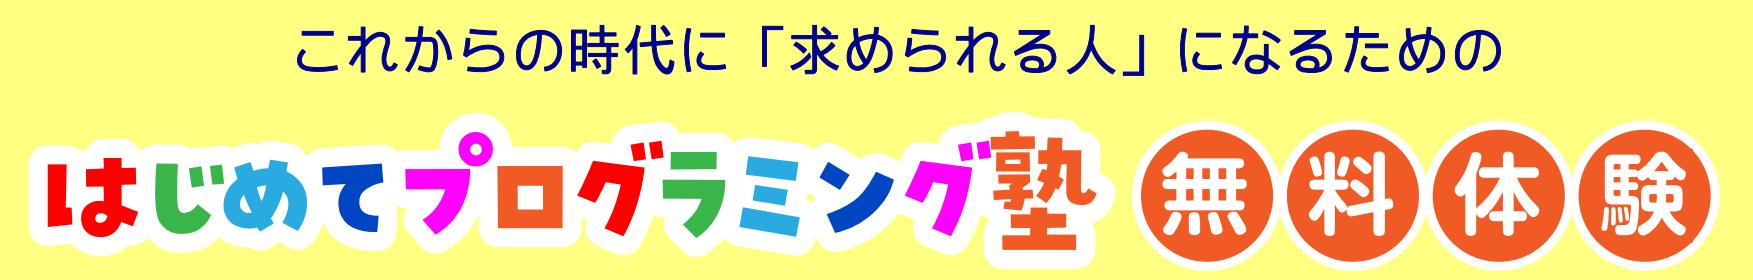 松戸のプログラミングスクール-はじめてプログラミング塾